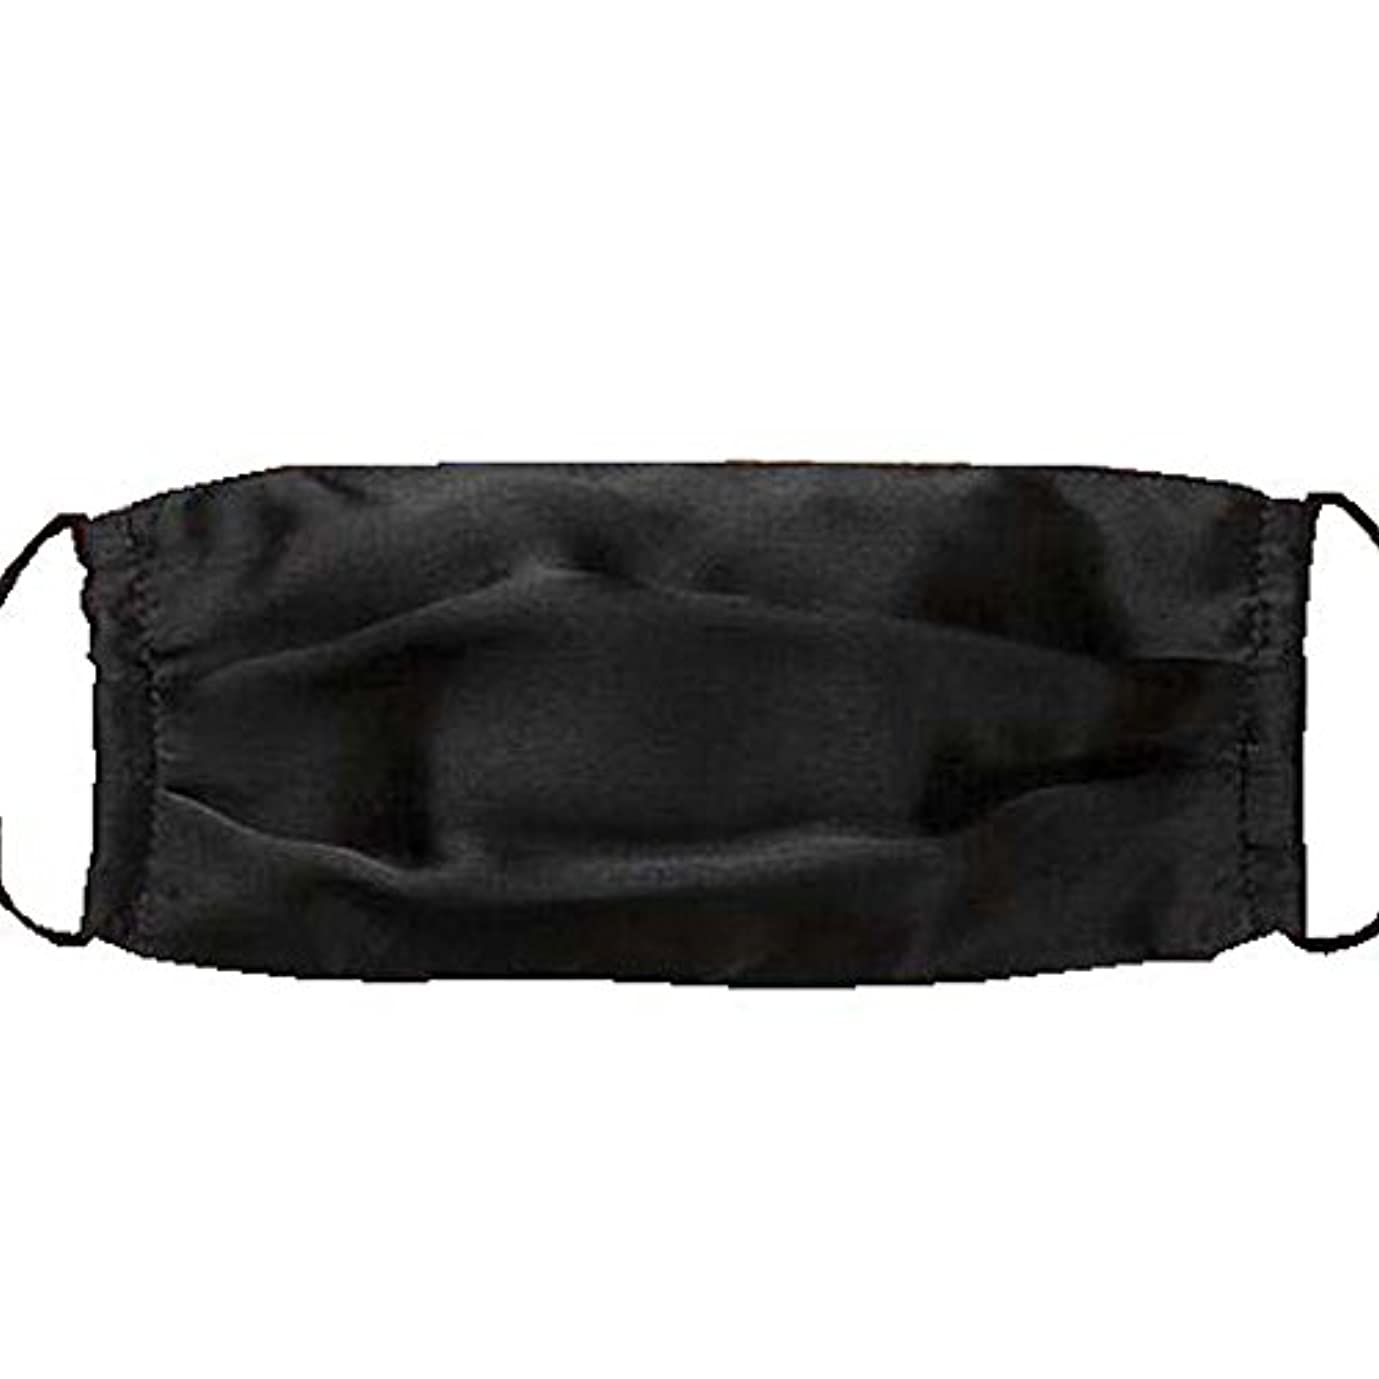 ミシン目娯楽月曜再使用可能な洗浄可能な活性炭シルクウォームPM 2.5ダストマスクインフルエンザマスク